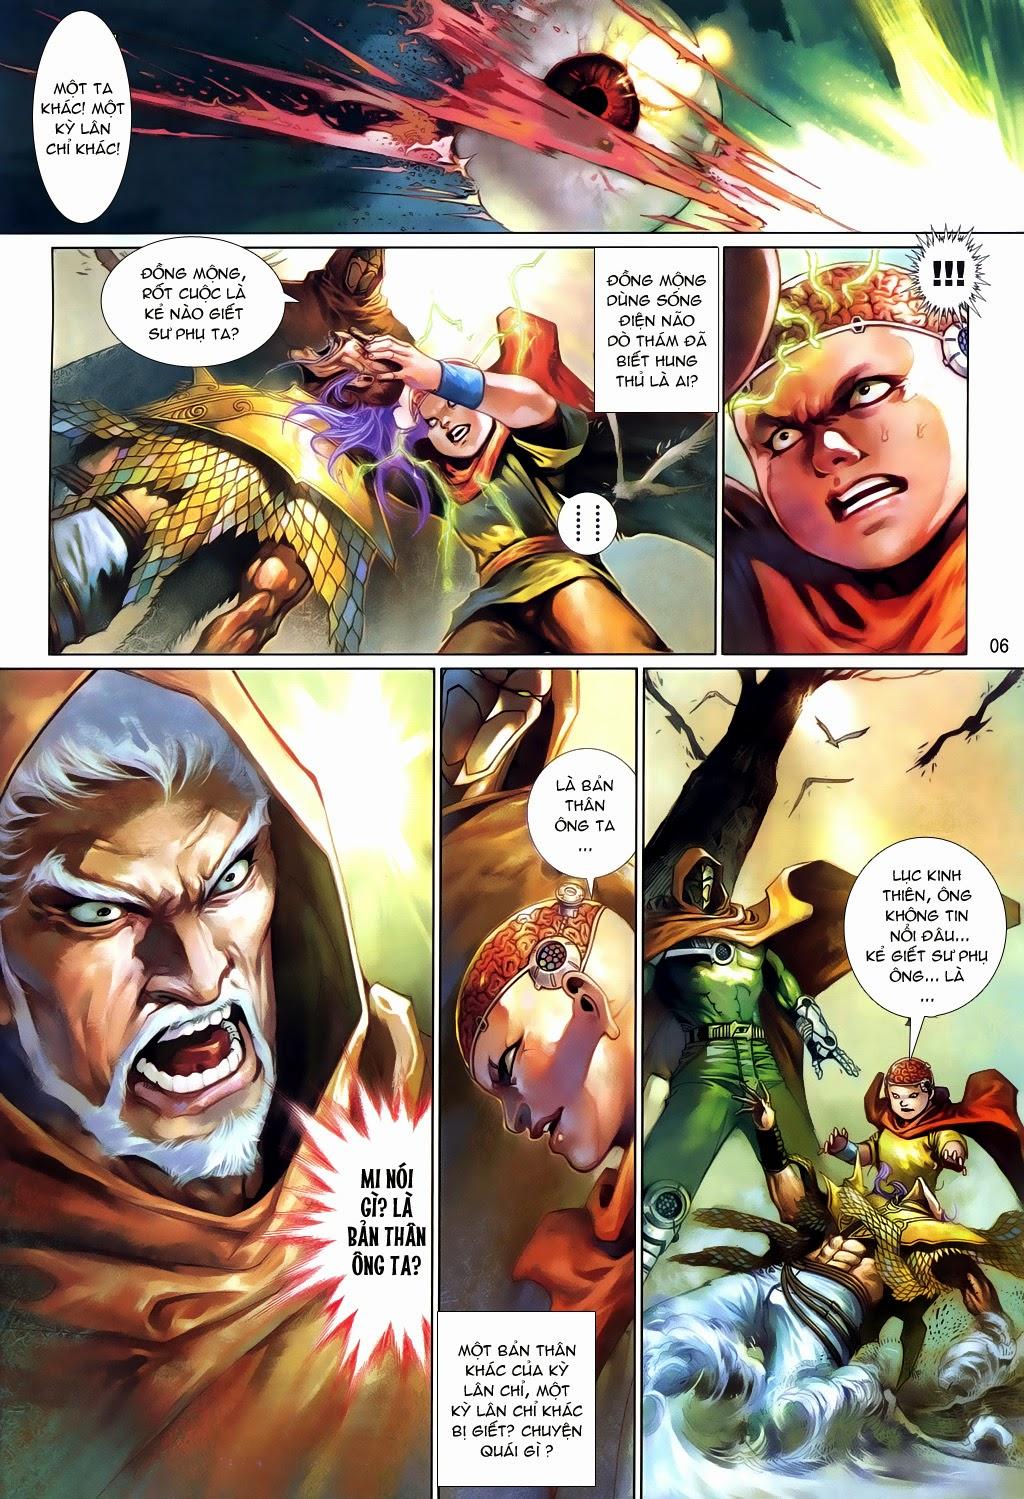 Phong Vân Tân Tác Thần Võ Ký Chap 21 - Next Chap 22